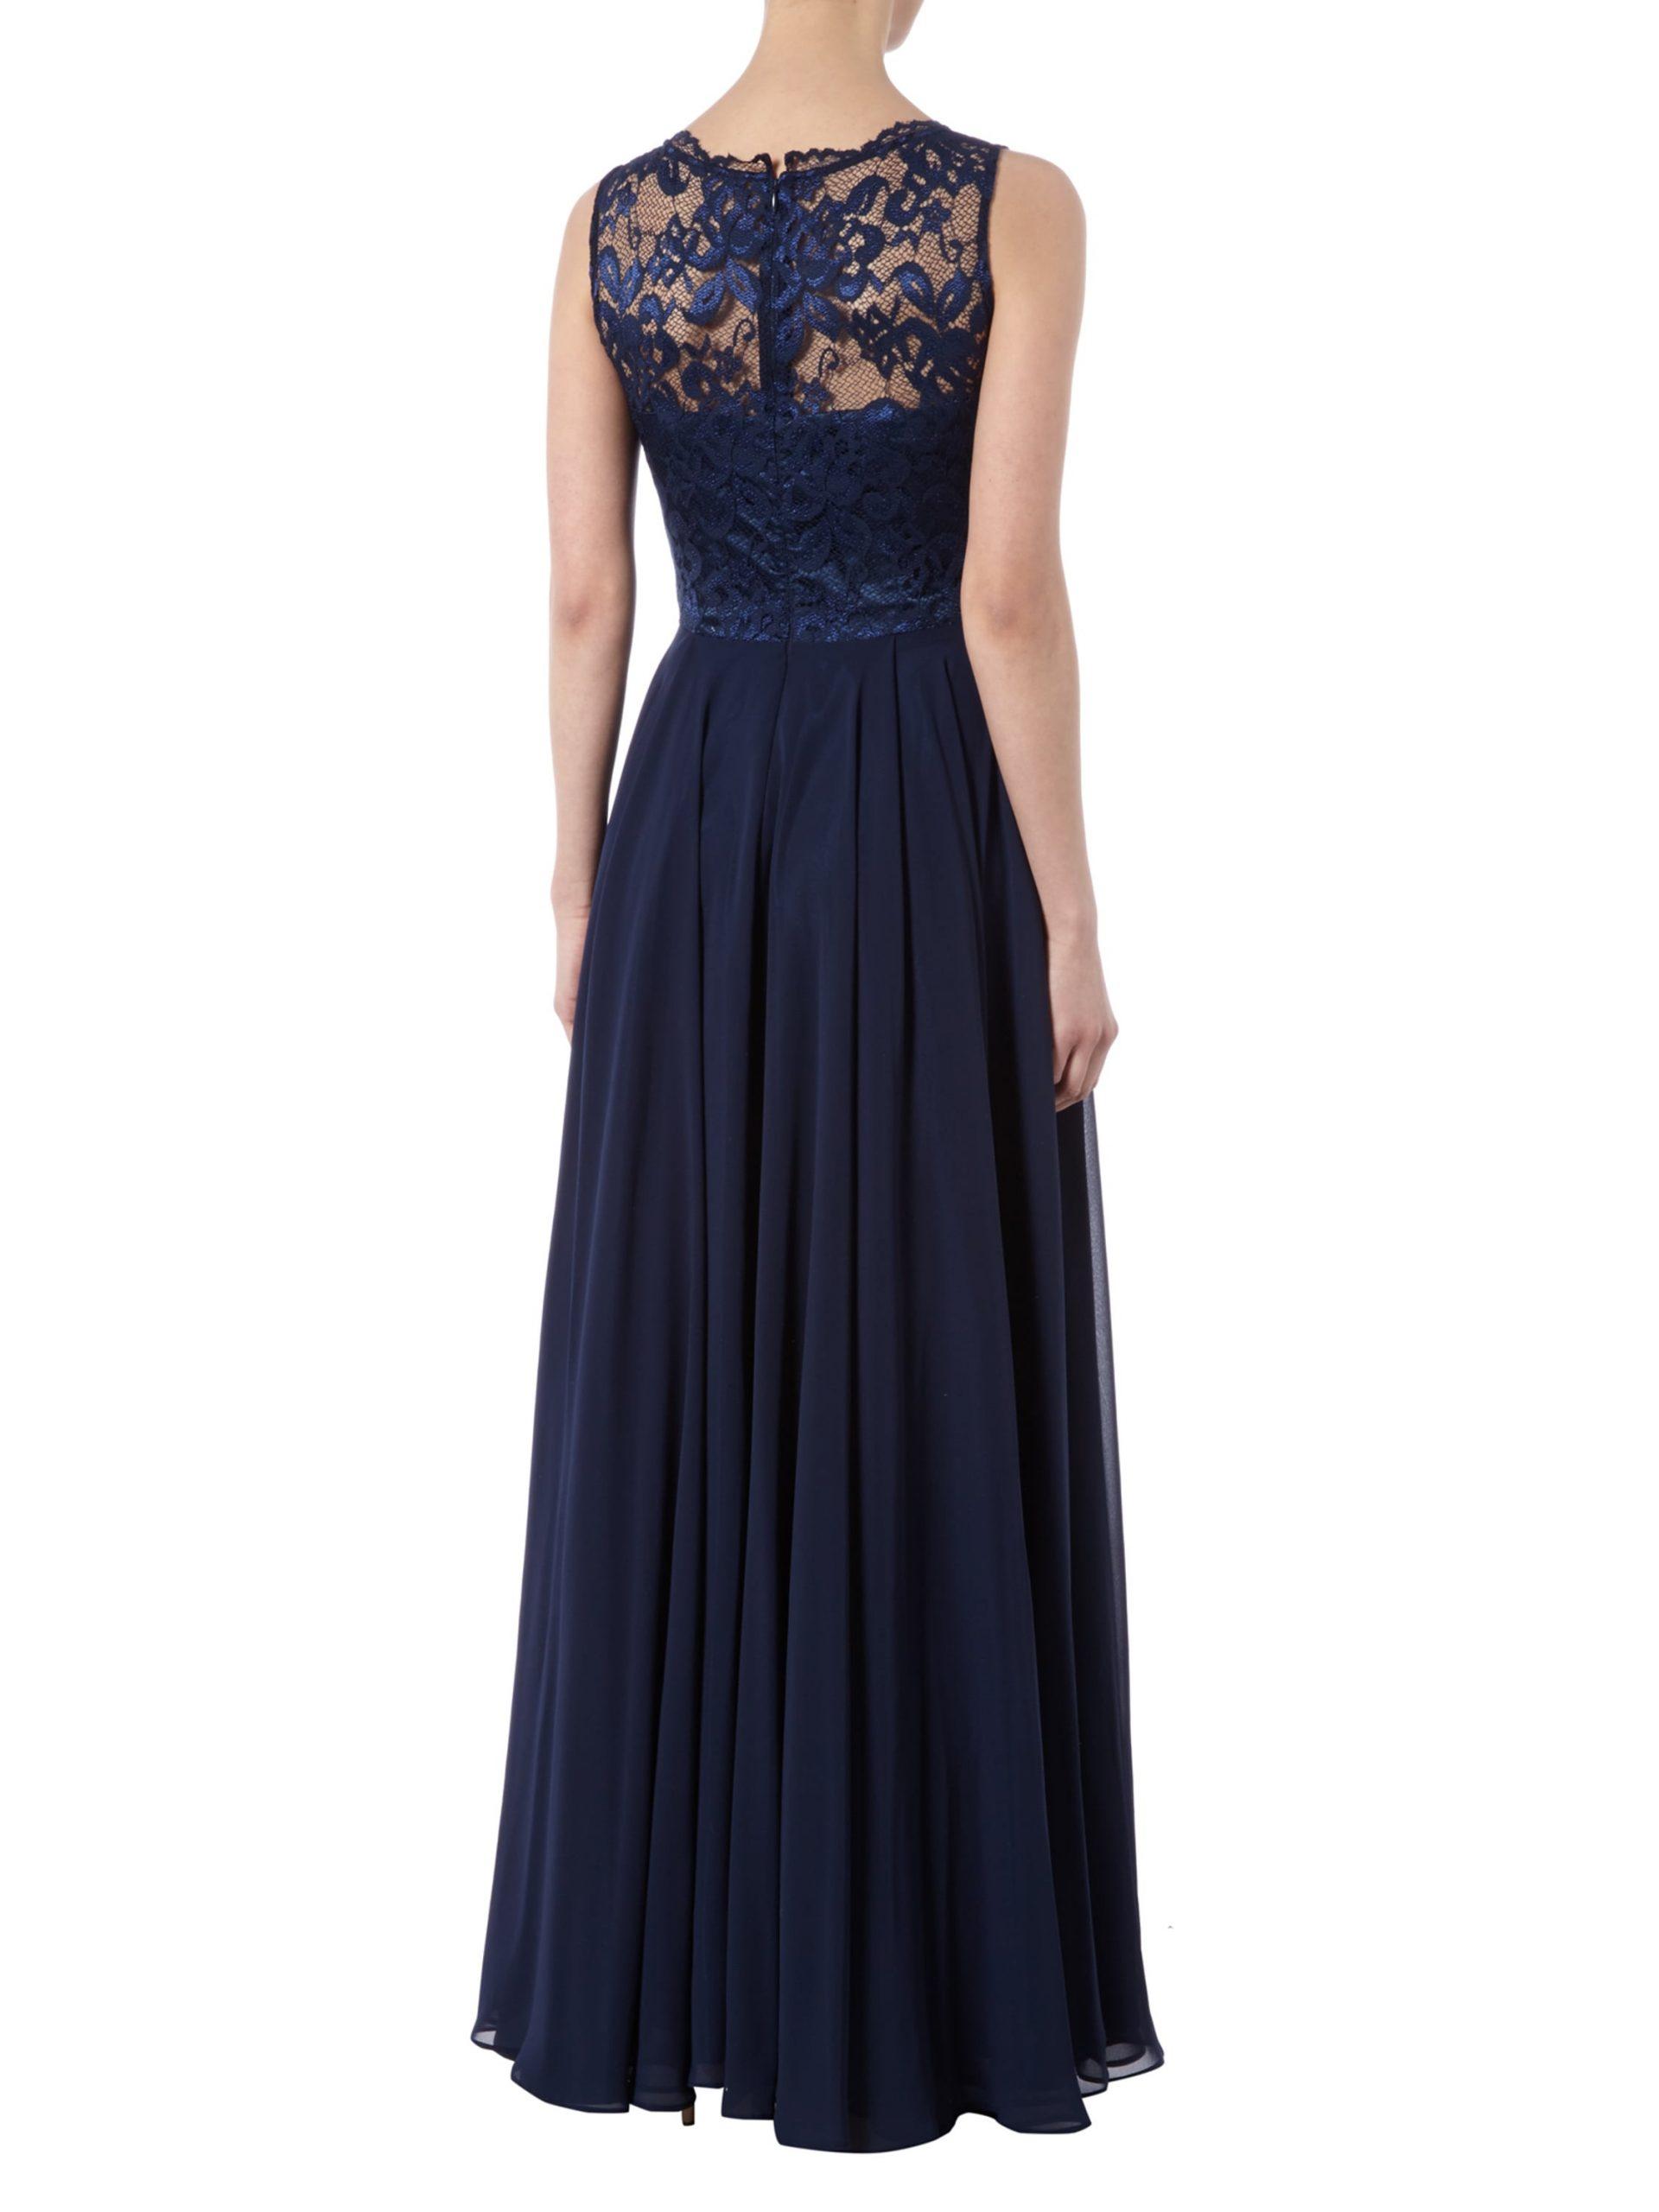 17 Genial Swing Abendkleid VertriebDesigner Kreativ Swing Abendkleid für 2019